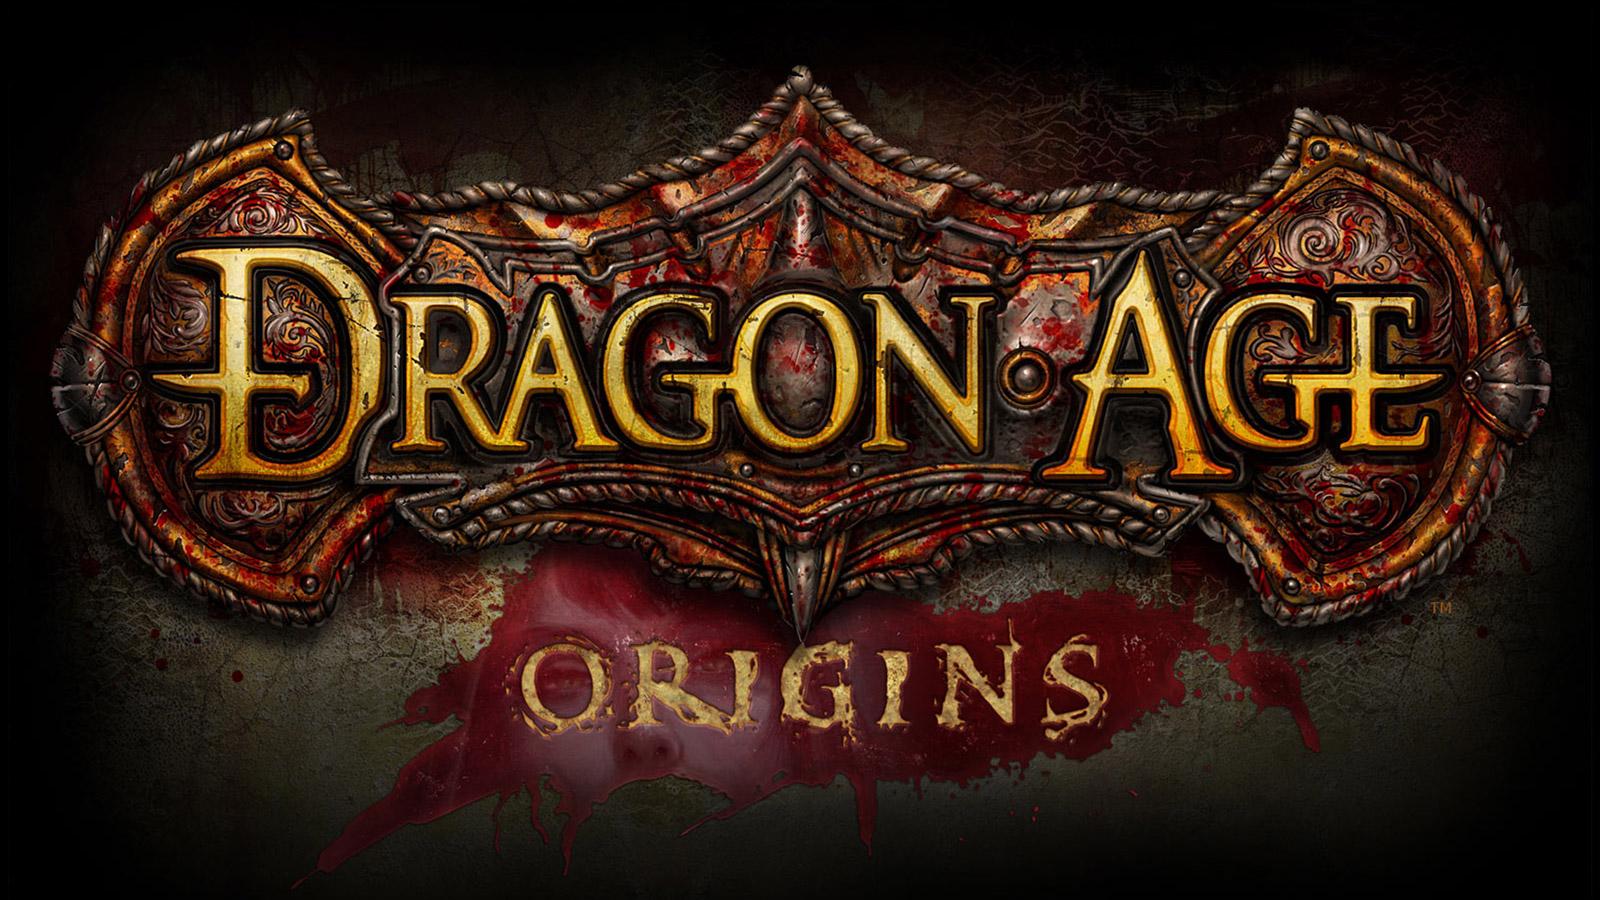 Dragon Age: Origins Wallpaper in 1600x900